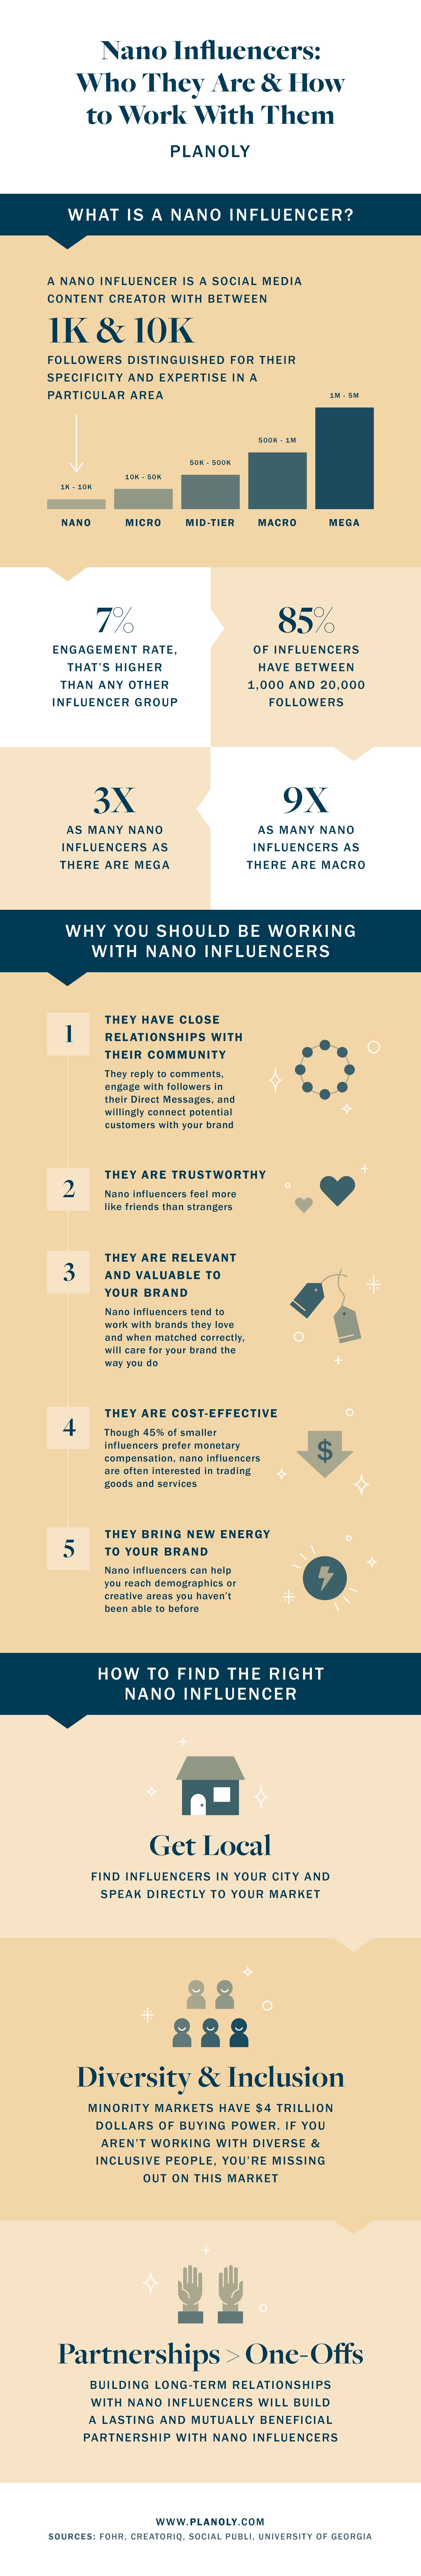 PLANOLY Nano Influencer - Infographic